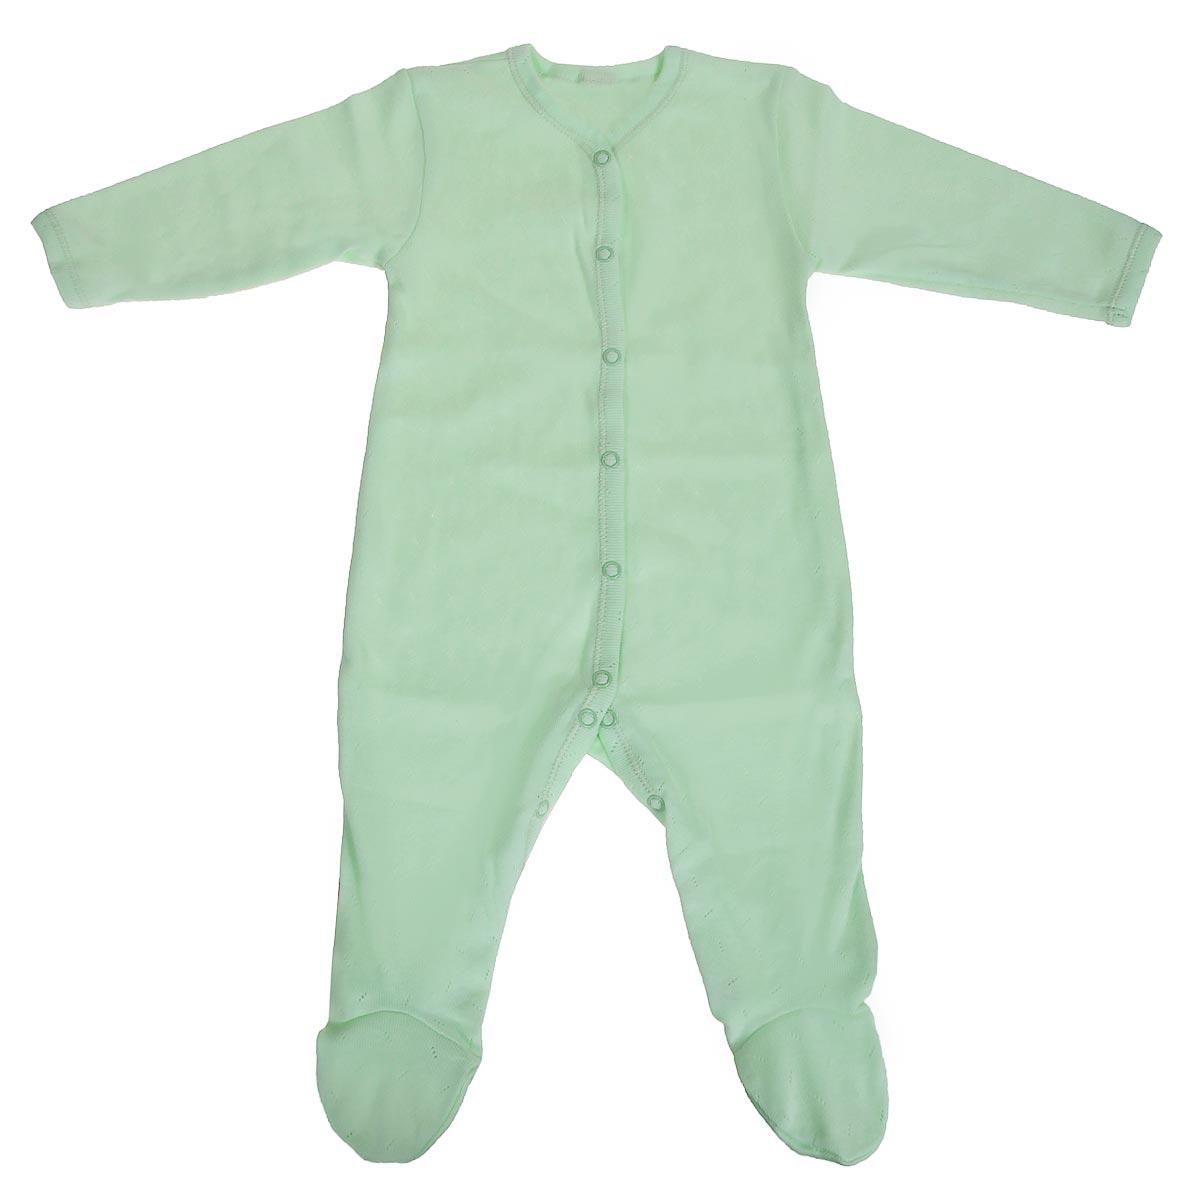 Комбинезон детский Lucky Child Ажур, цвет: зеленый. 0-12. Размер 74/800-12Детский комбинезон Lucky Child - очень удобный и практичный вид одежды для малышей. Комбинезон выполнен из натурального хлопка, благодаря чему он необычайно мягкий и приятный на ощупь, не раздражают нежную кожу ребенка и хорошо вентилируются, а эластичные швы приятны телу малыша и не препятствуют его движениям. Комбинезон с длинными рукавами и закрытыми ножками имеет застежки-кнопки от горловины до щиколоток, которые помогают легко переодеть младенца или сменить подгузник.Модель выполнена из ткани с ажурным узором. С детским комбинезоном Lucky Child спинка и ножки вашего малыша всегда будут в тепле, он идеален для использования днем и незаменим ночью. Комбинезон полностью соответствует особенностям жизни младенца в ранний период, не стесняя и не ограничивая его в движениях!